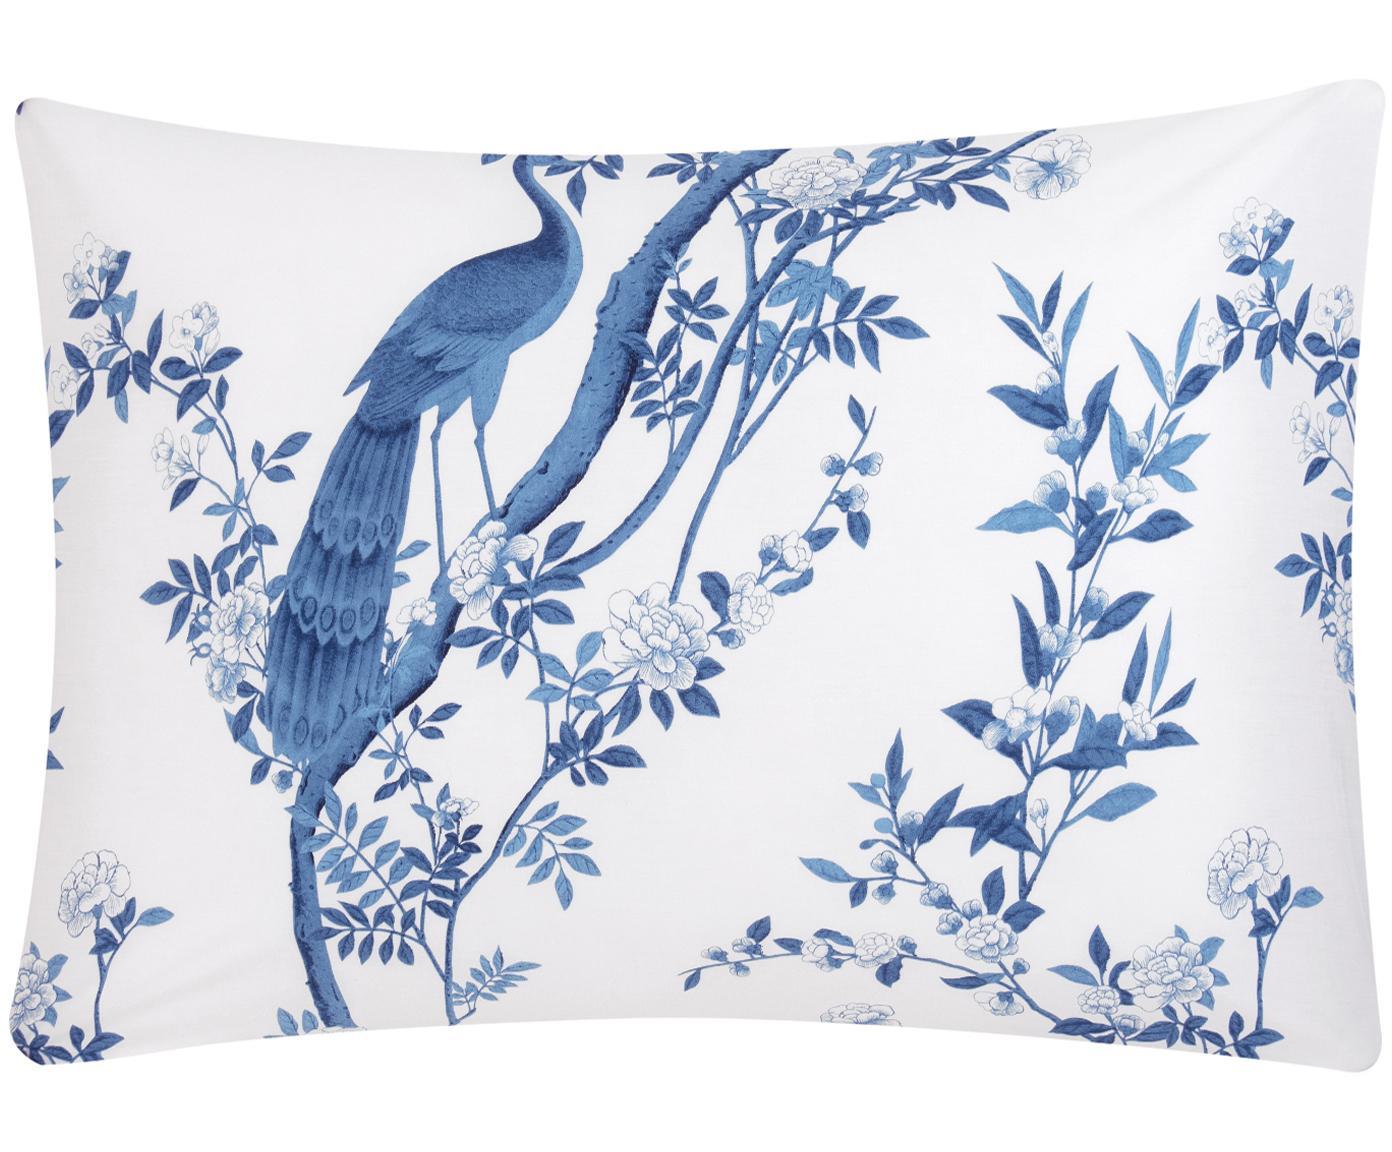 Funda de almohada de percal Annabelle, Blanco, azul, An 50 x L 70 cm